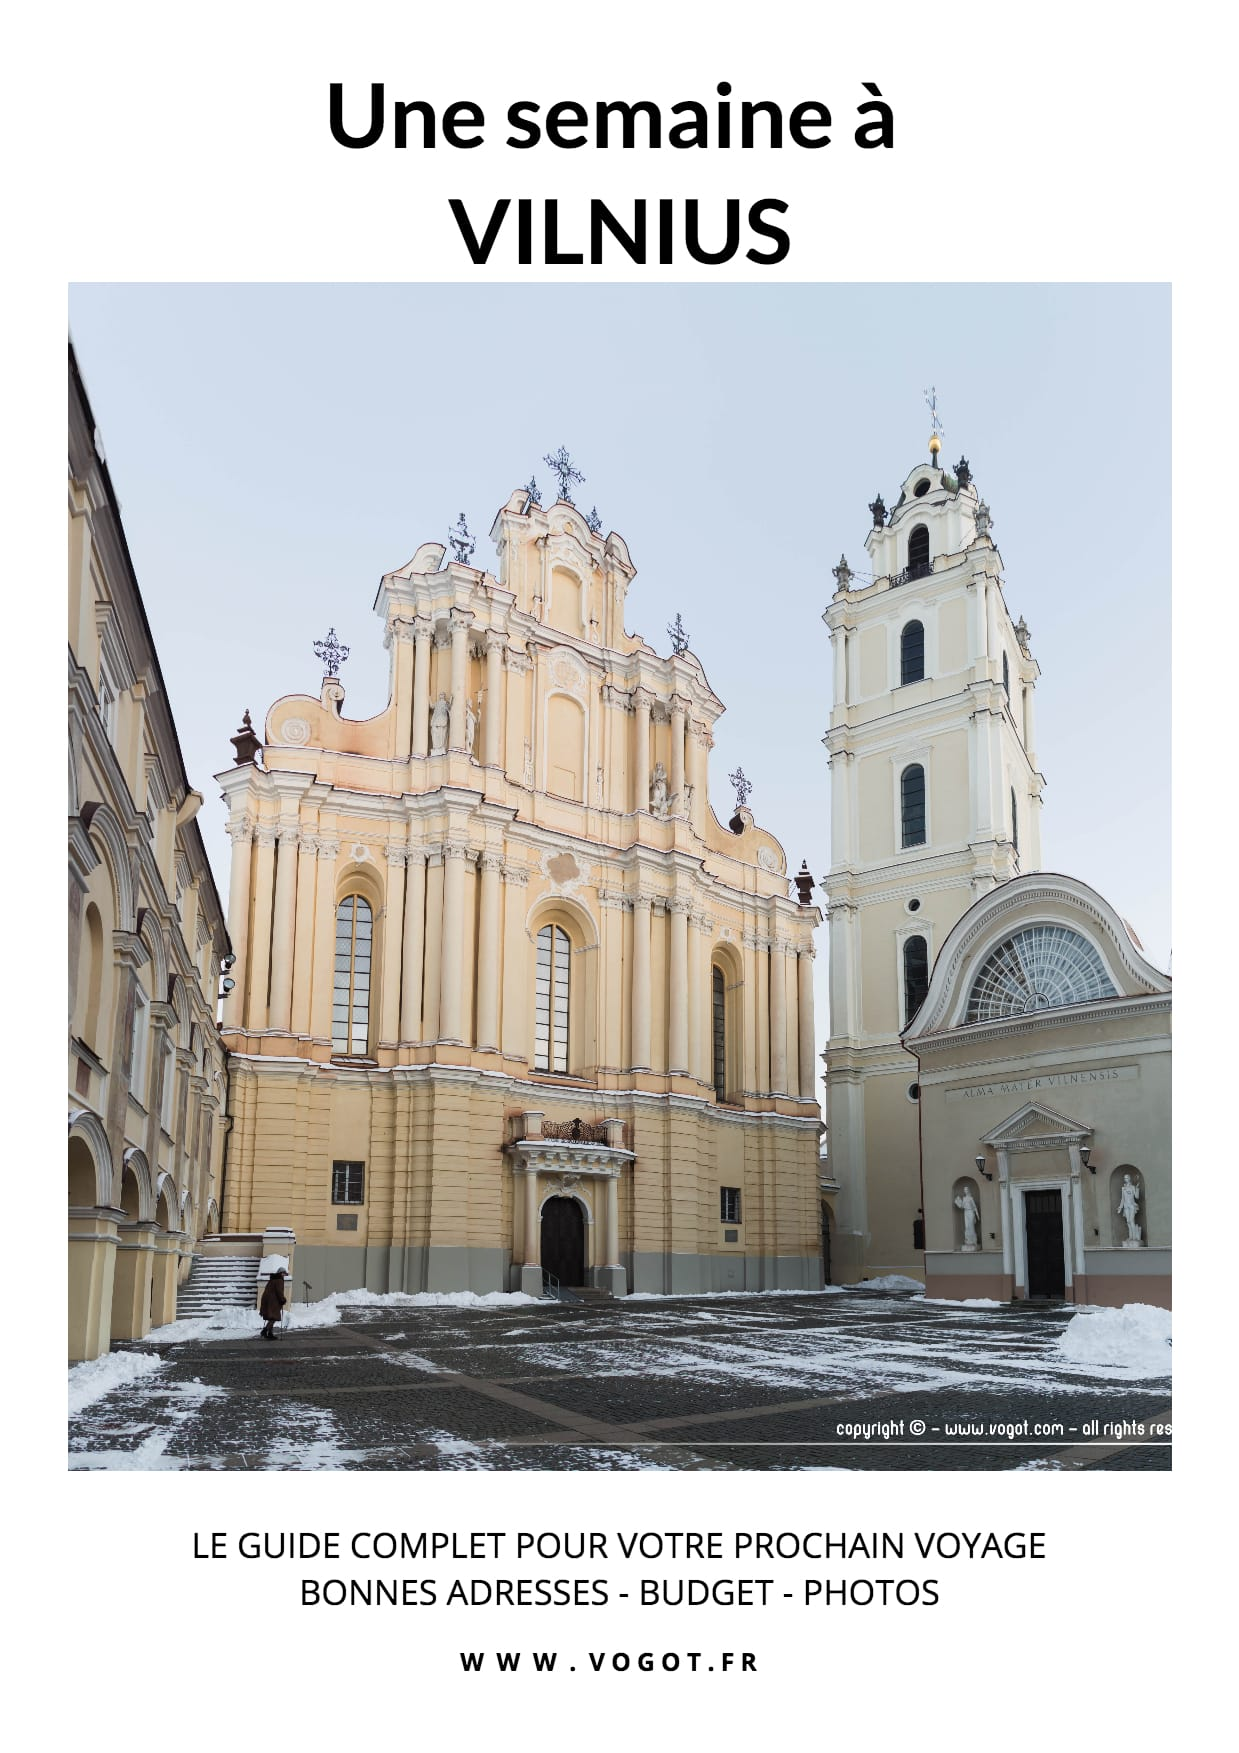 Le guide complet pour passer une semaine à Vilnius. Conseils, bonnes adresses, budget on vous raconte tout ici.